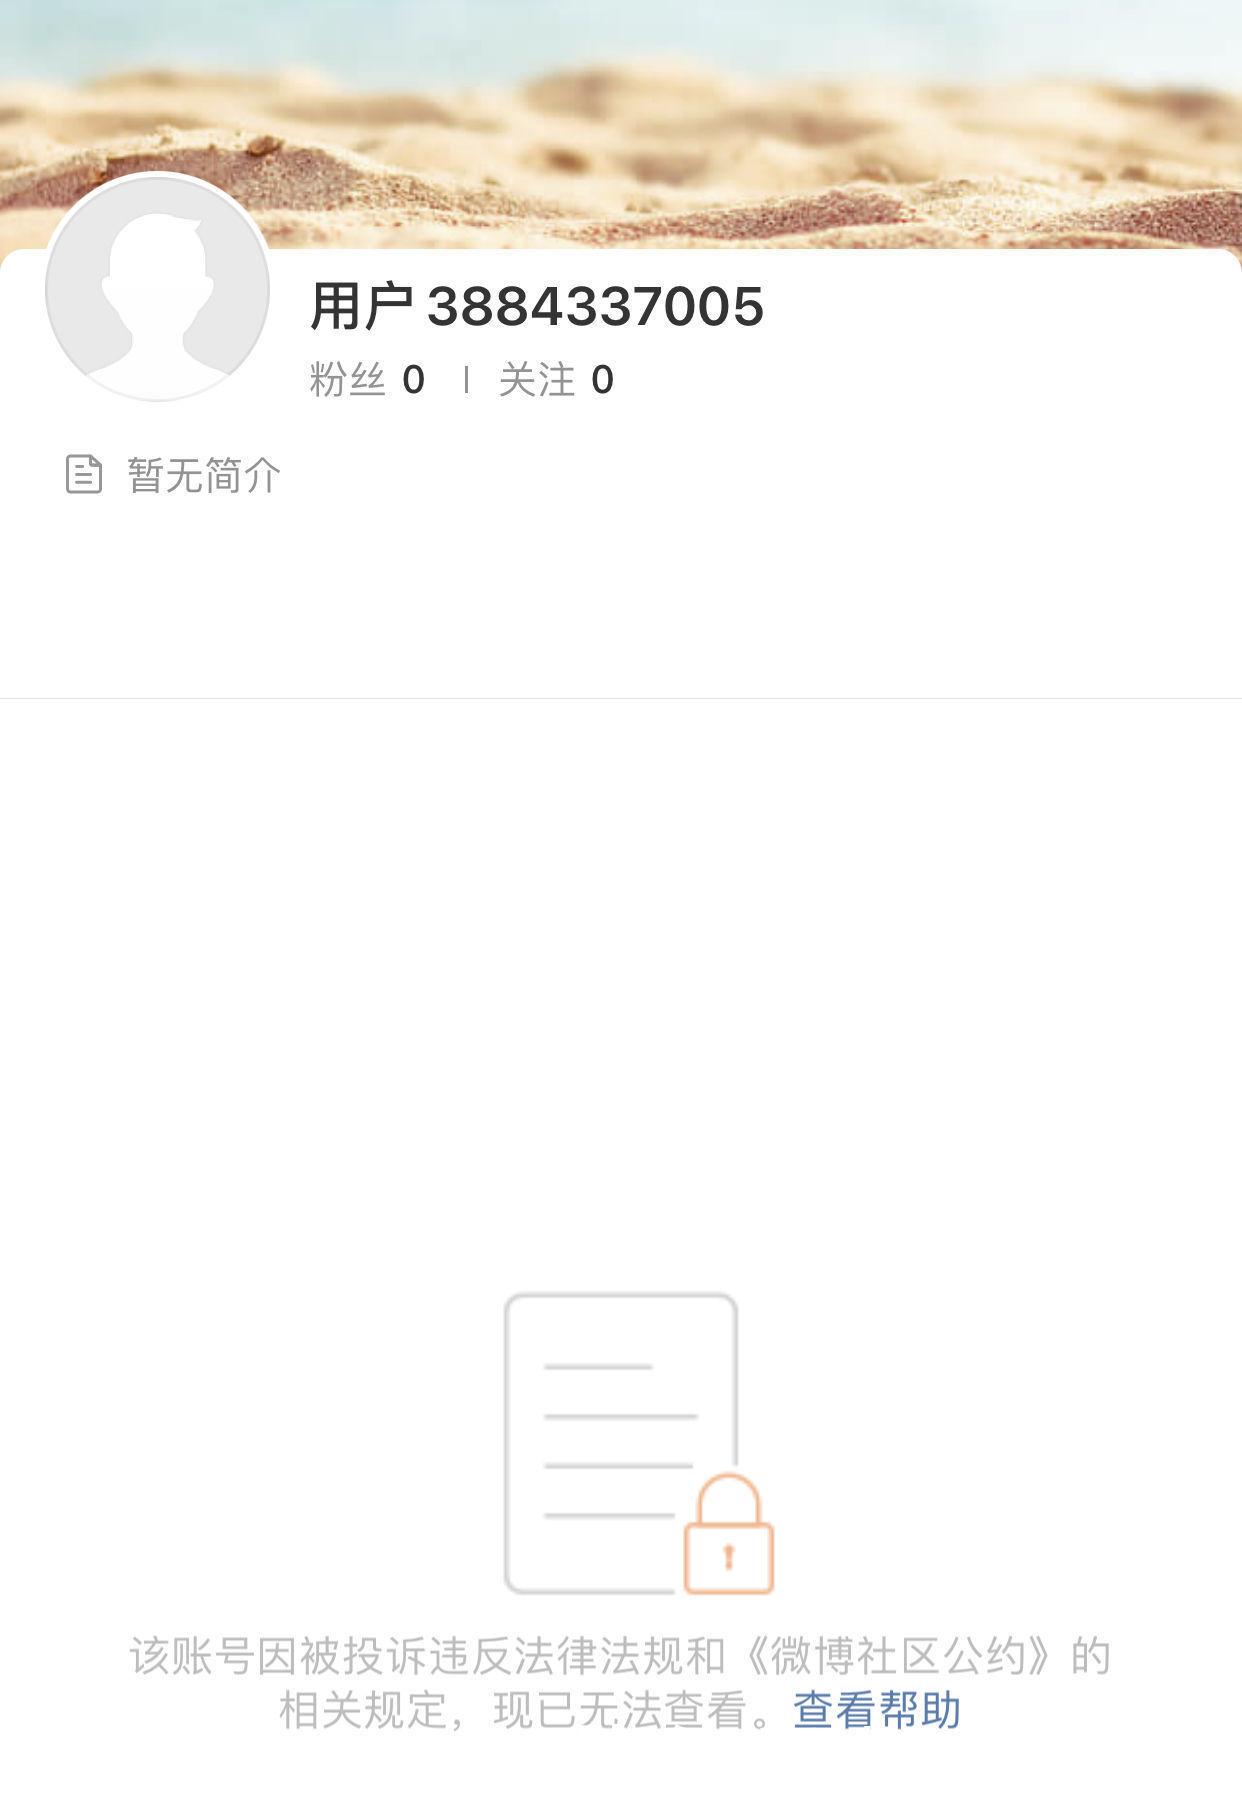 幣圈多名大V微博被封:已無法搜索和查看內容